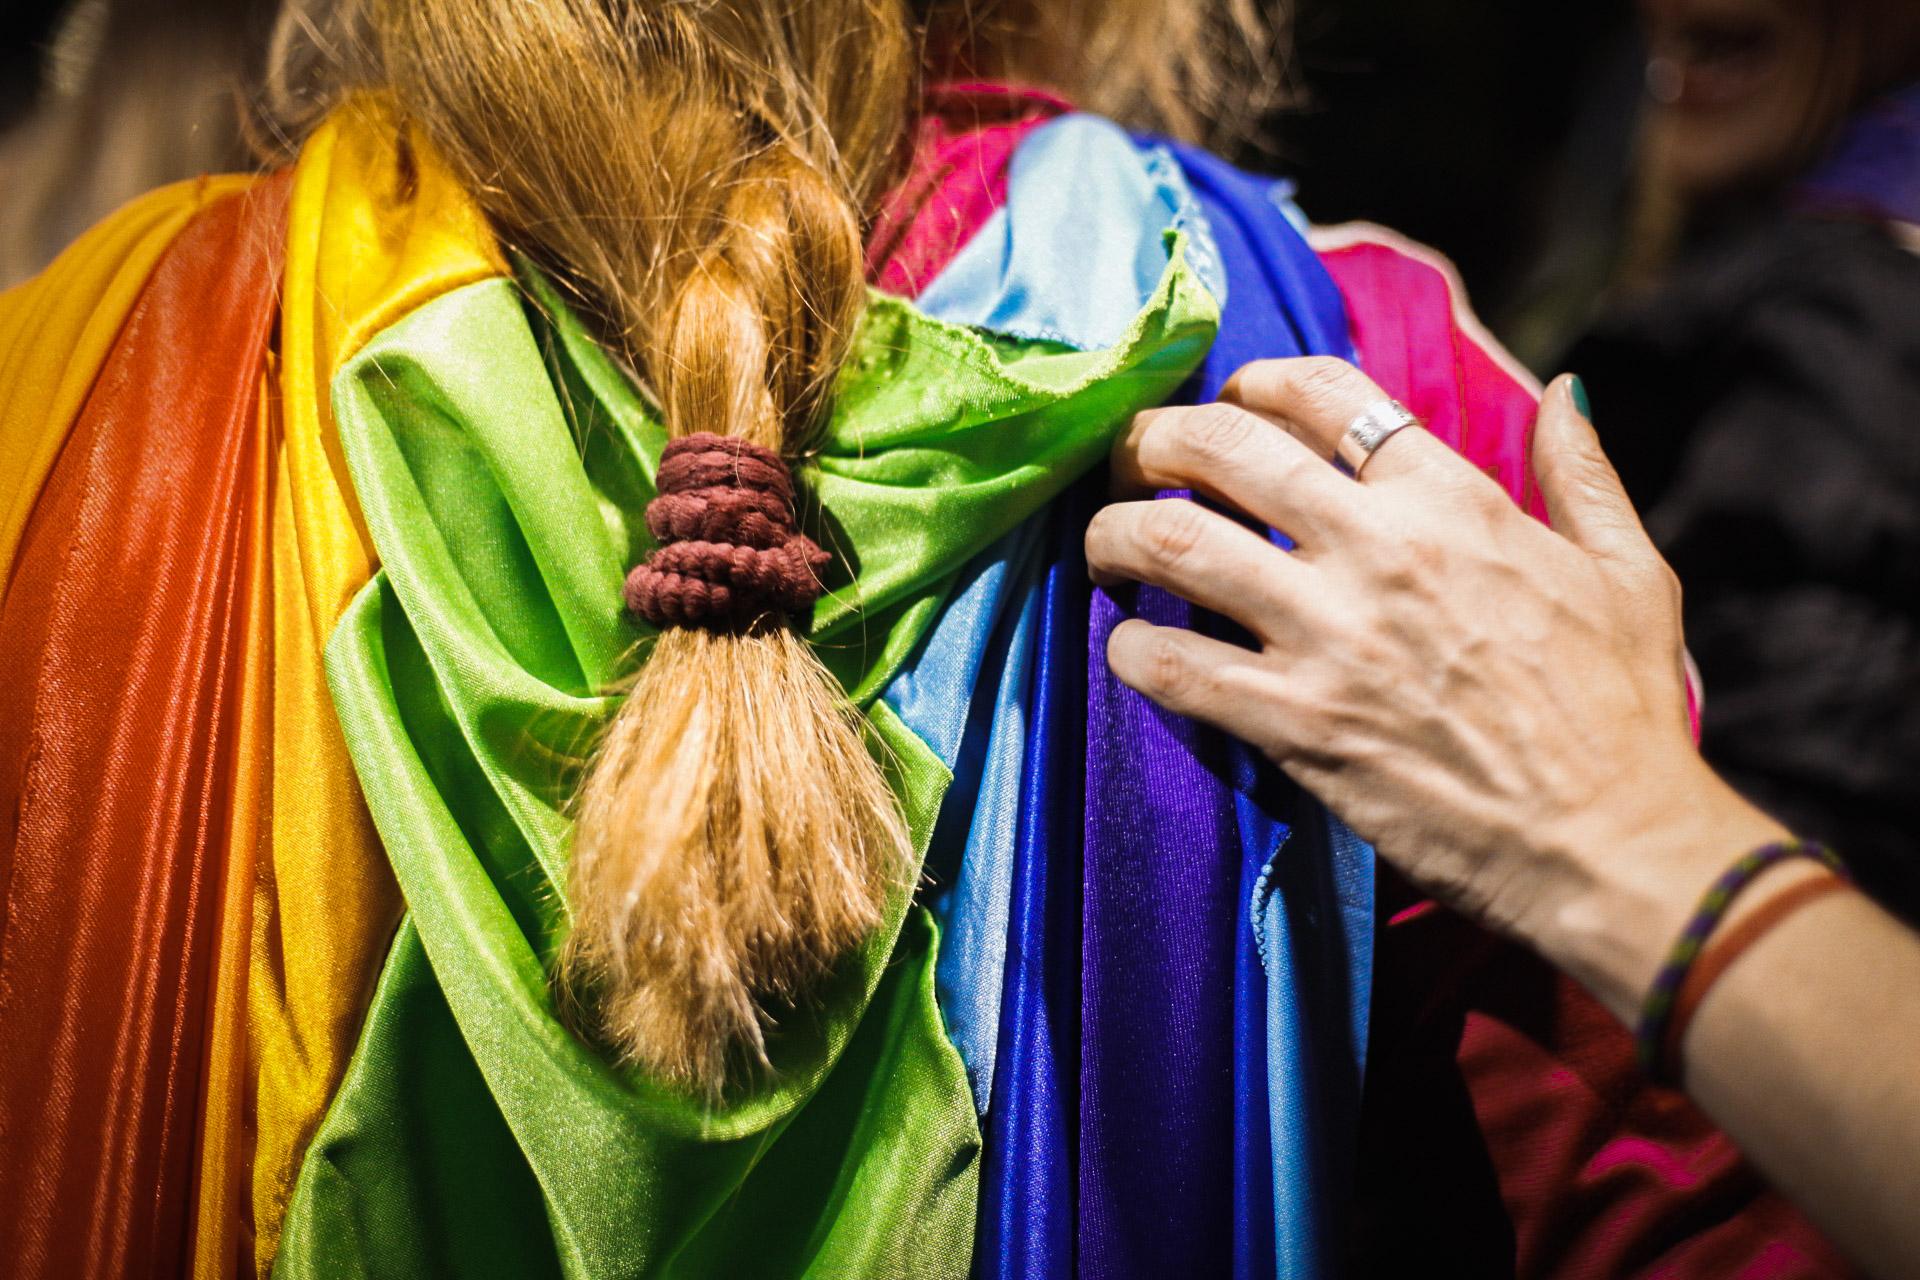 La comunidad LGTB+ estuvo presente, como lo viene haciendo desde los principios de estos encuentros